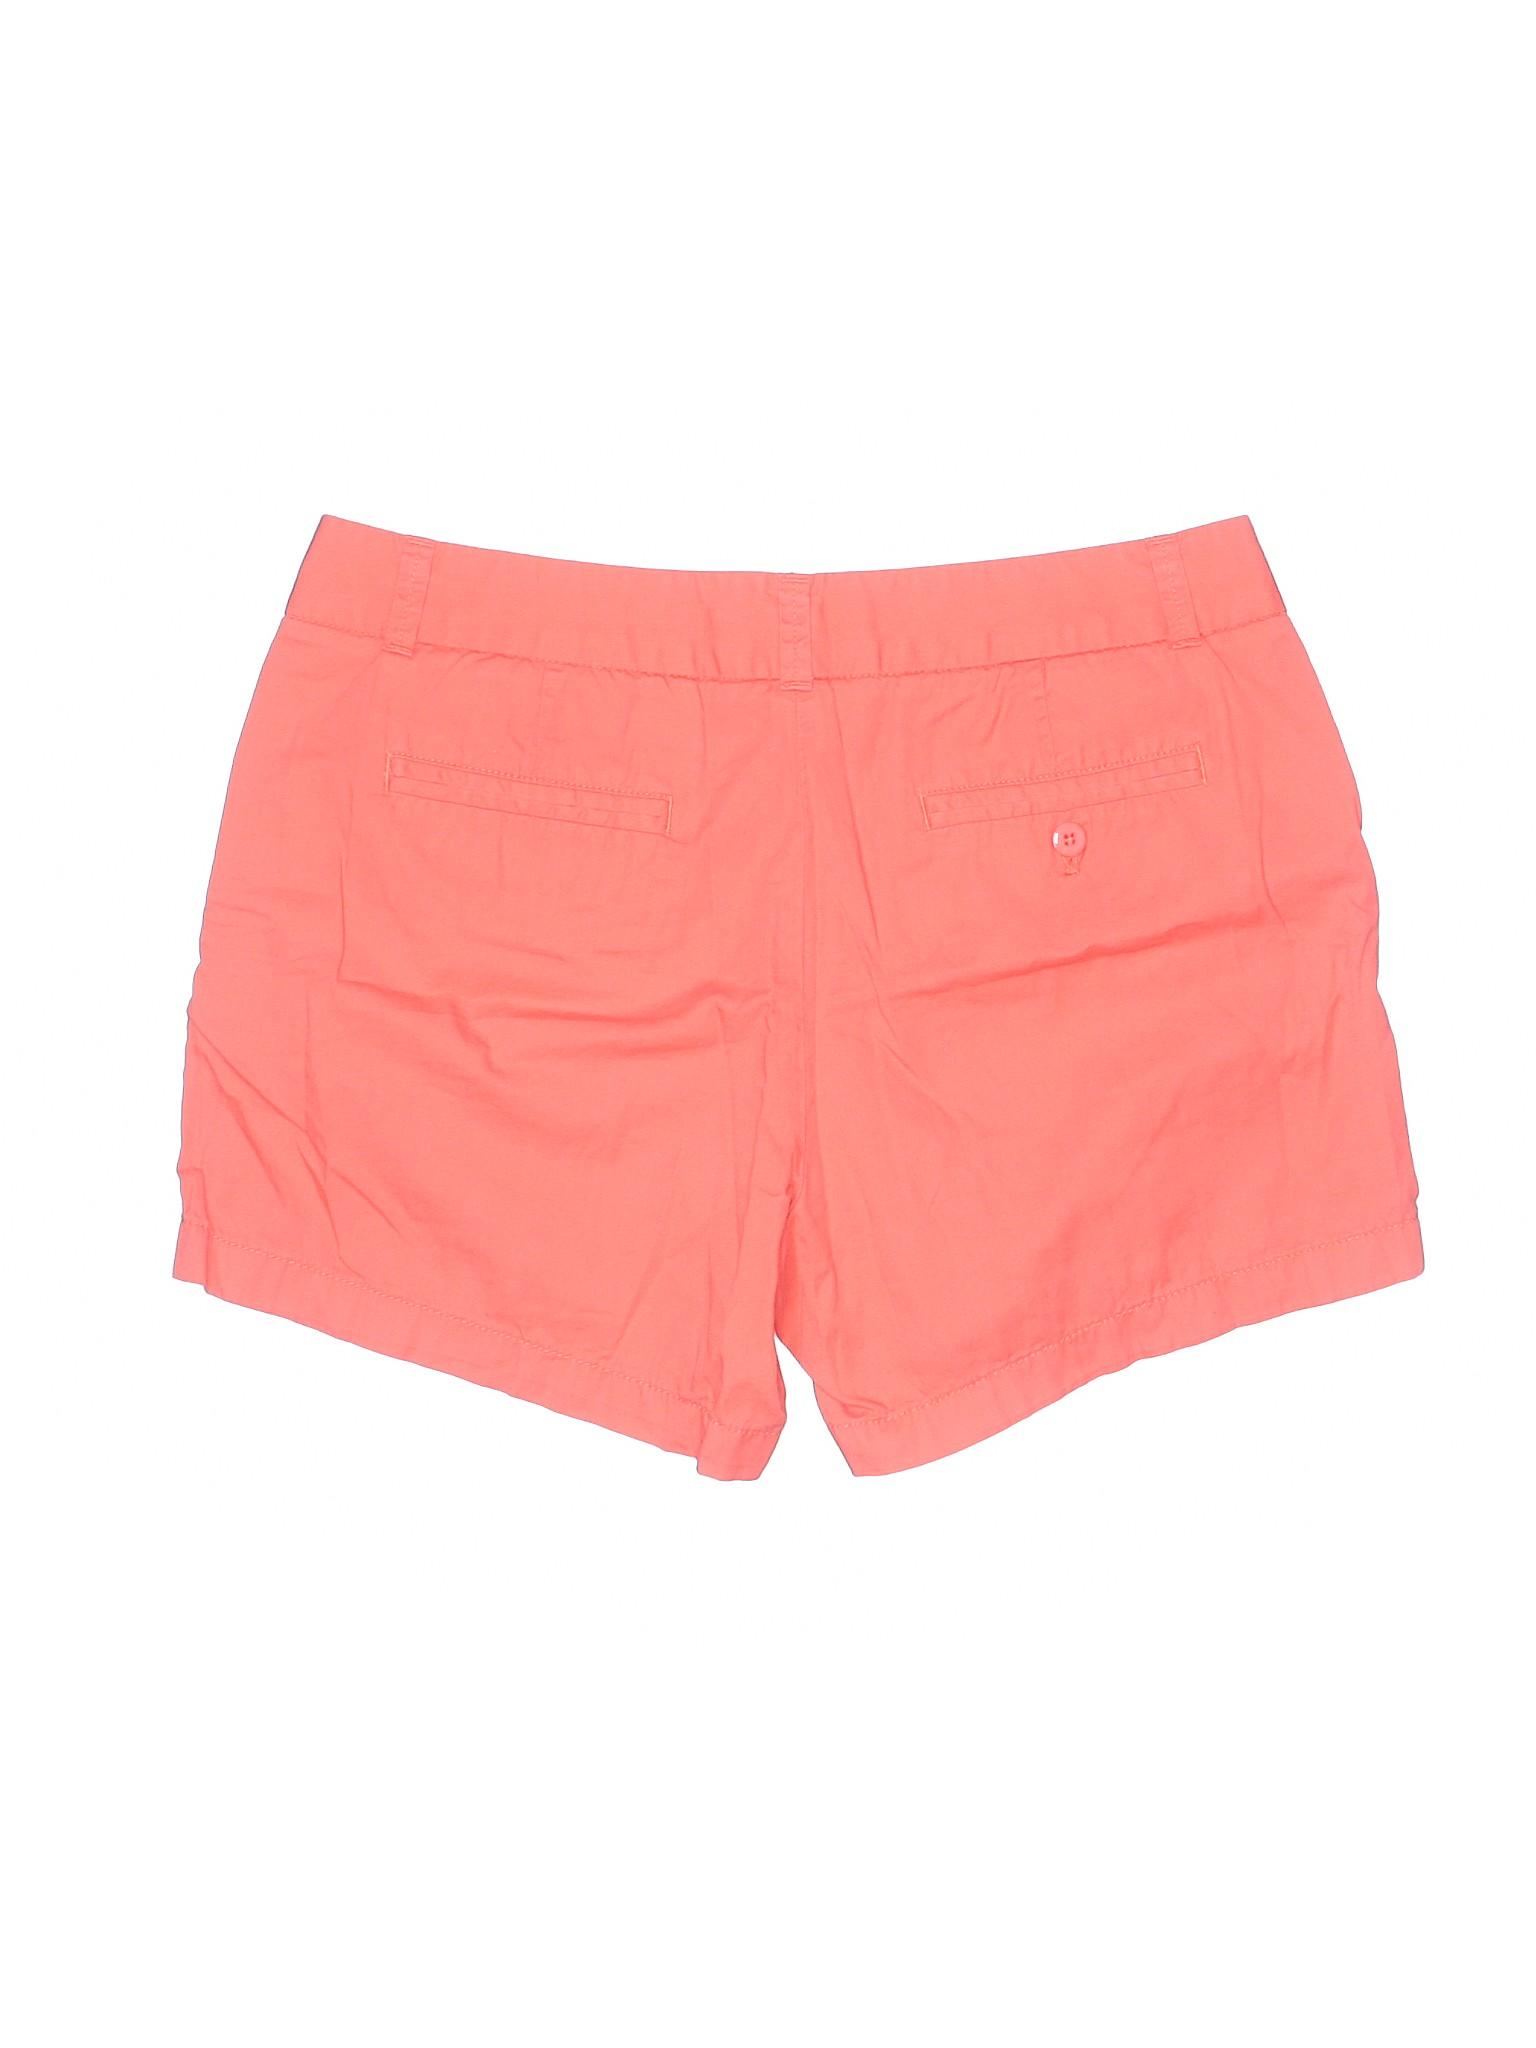 Factory J Khaki Boutique Crew Shorts Store ES0qEUBxw